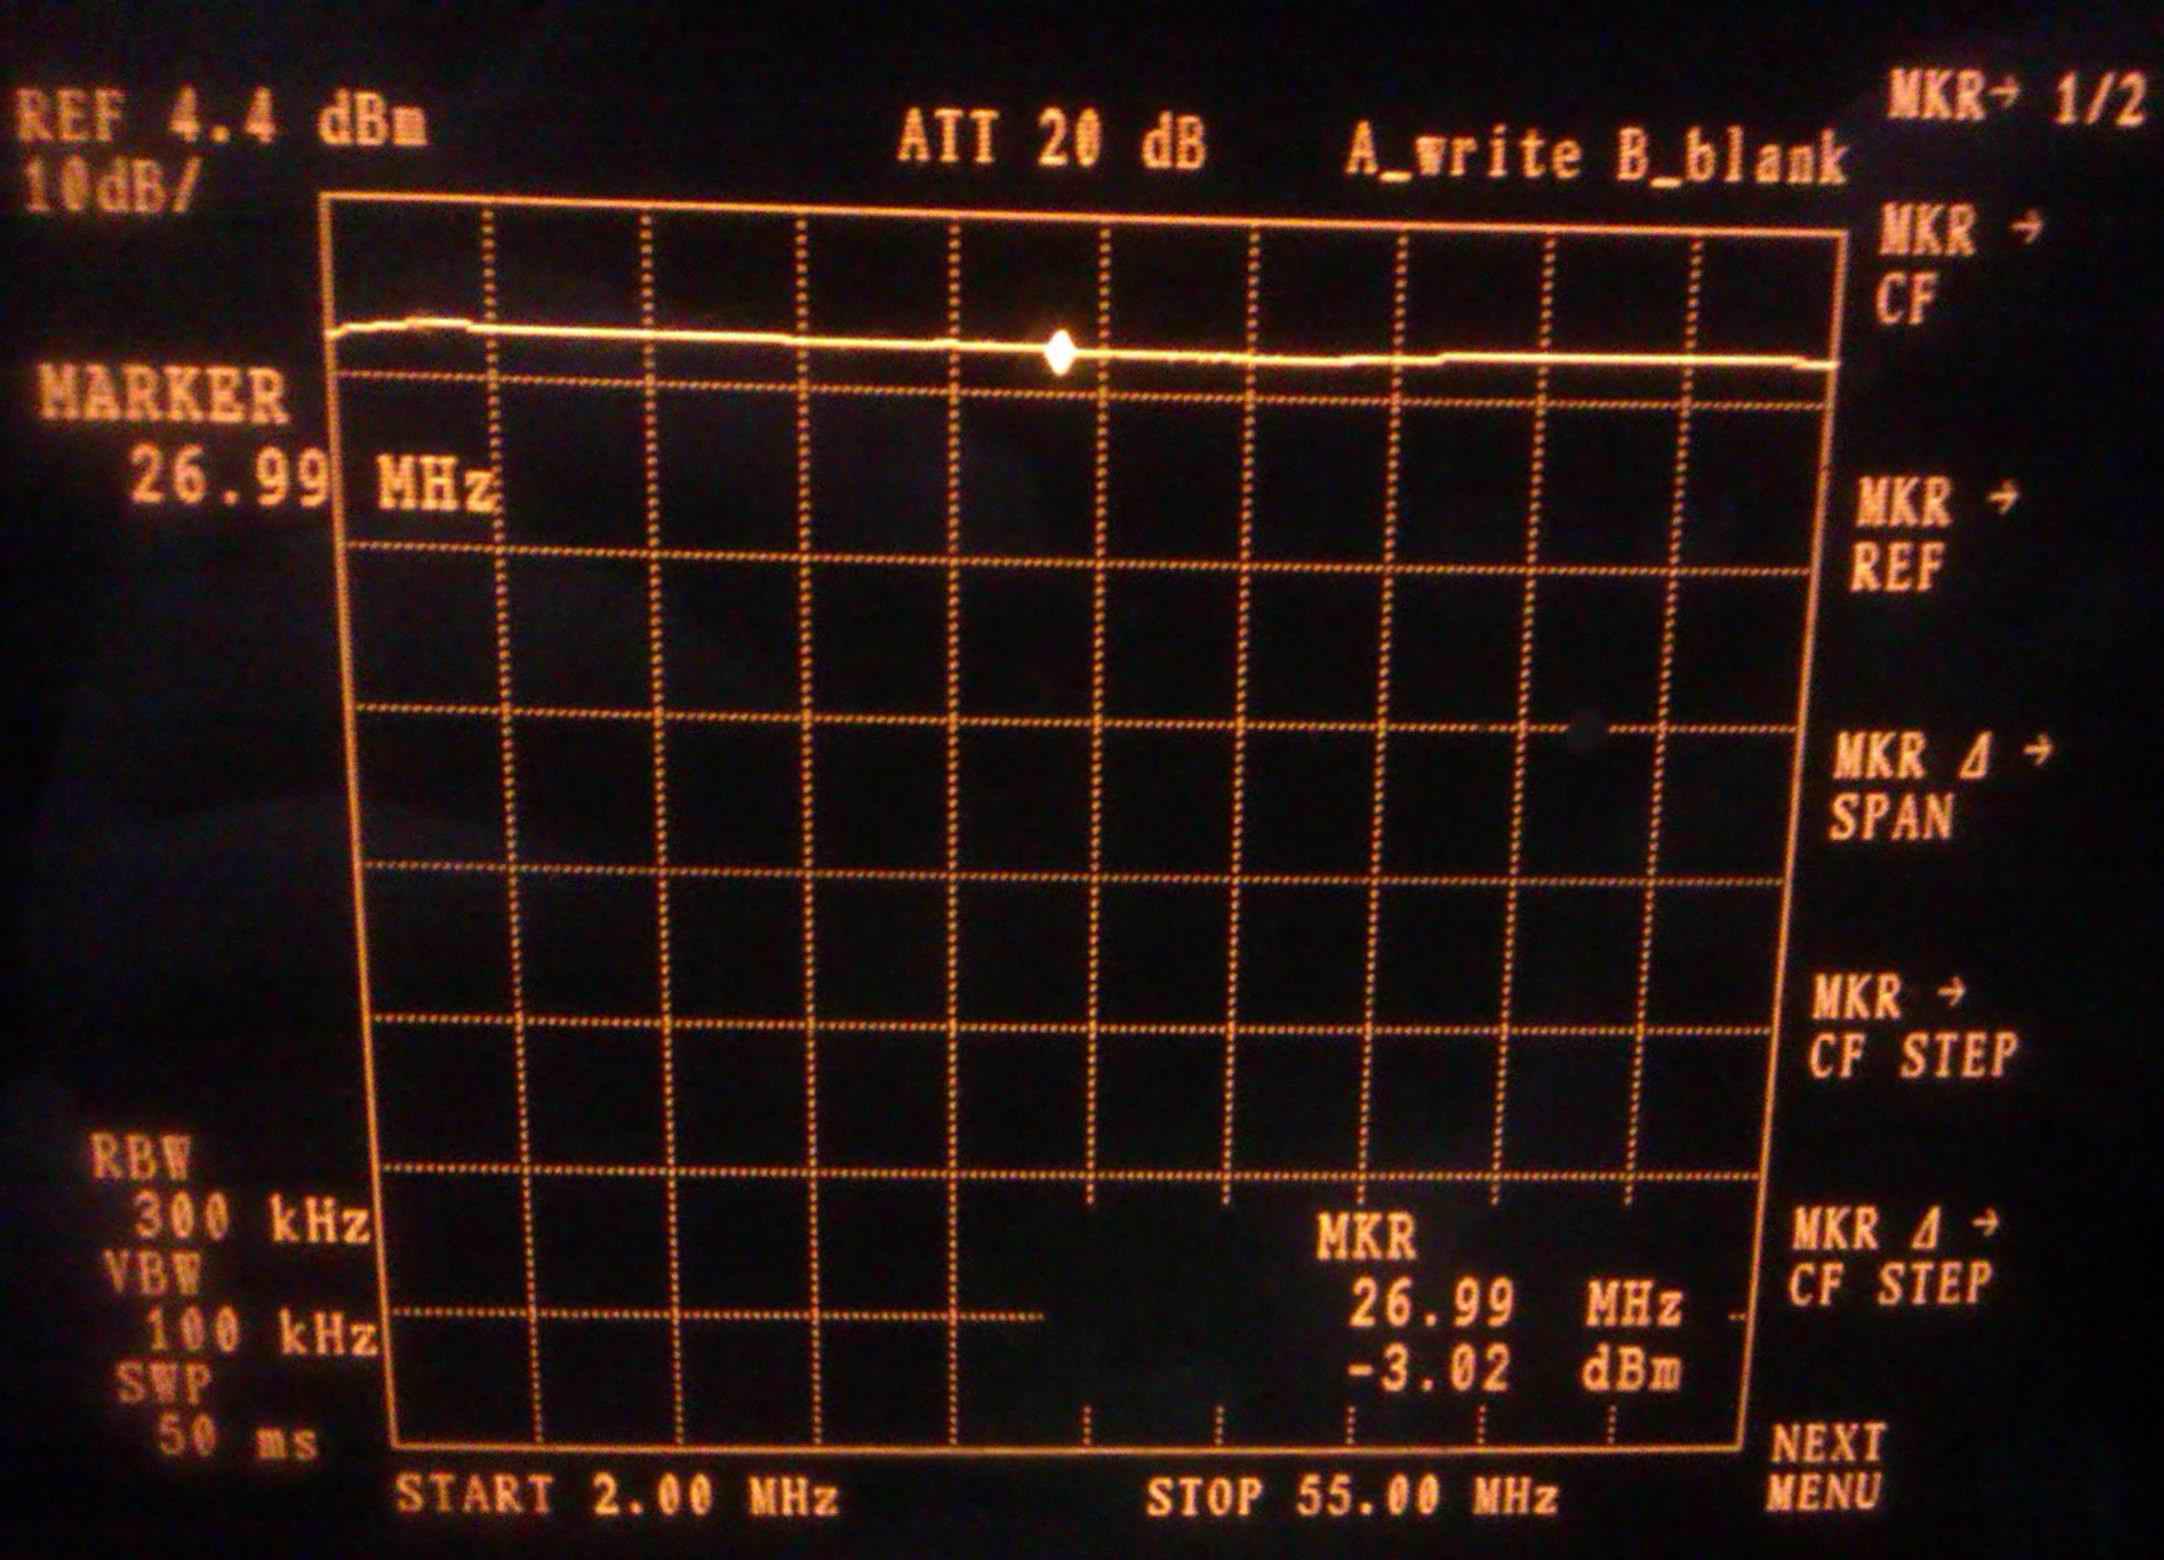 Частотные элементы Ultra-Wideband РФ Усилитель линейный усилитель усилители ВЧ 1 МГц--130 МГц 6W 43db